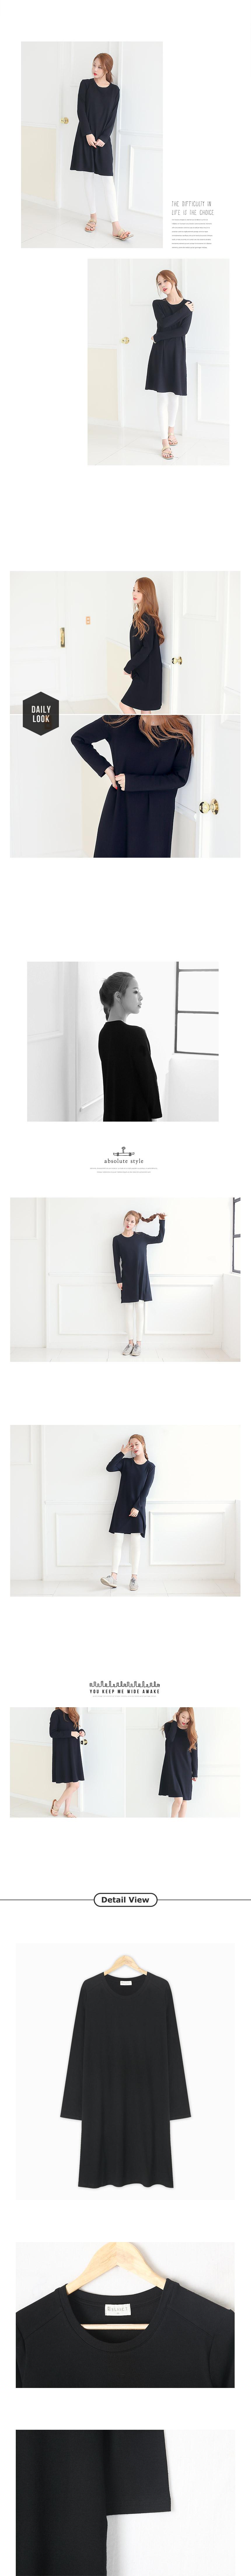 블랑티 속옷이 필요없는 원피스 블랙 - 다샵, 21,900원, 원피스, 롱/미디원피스